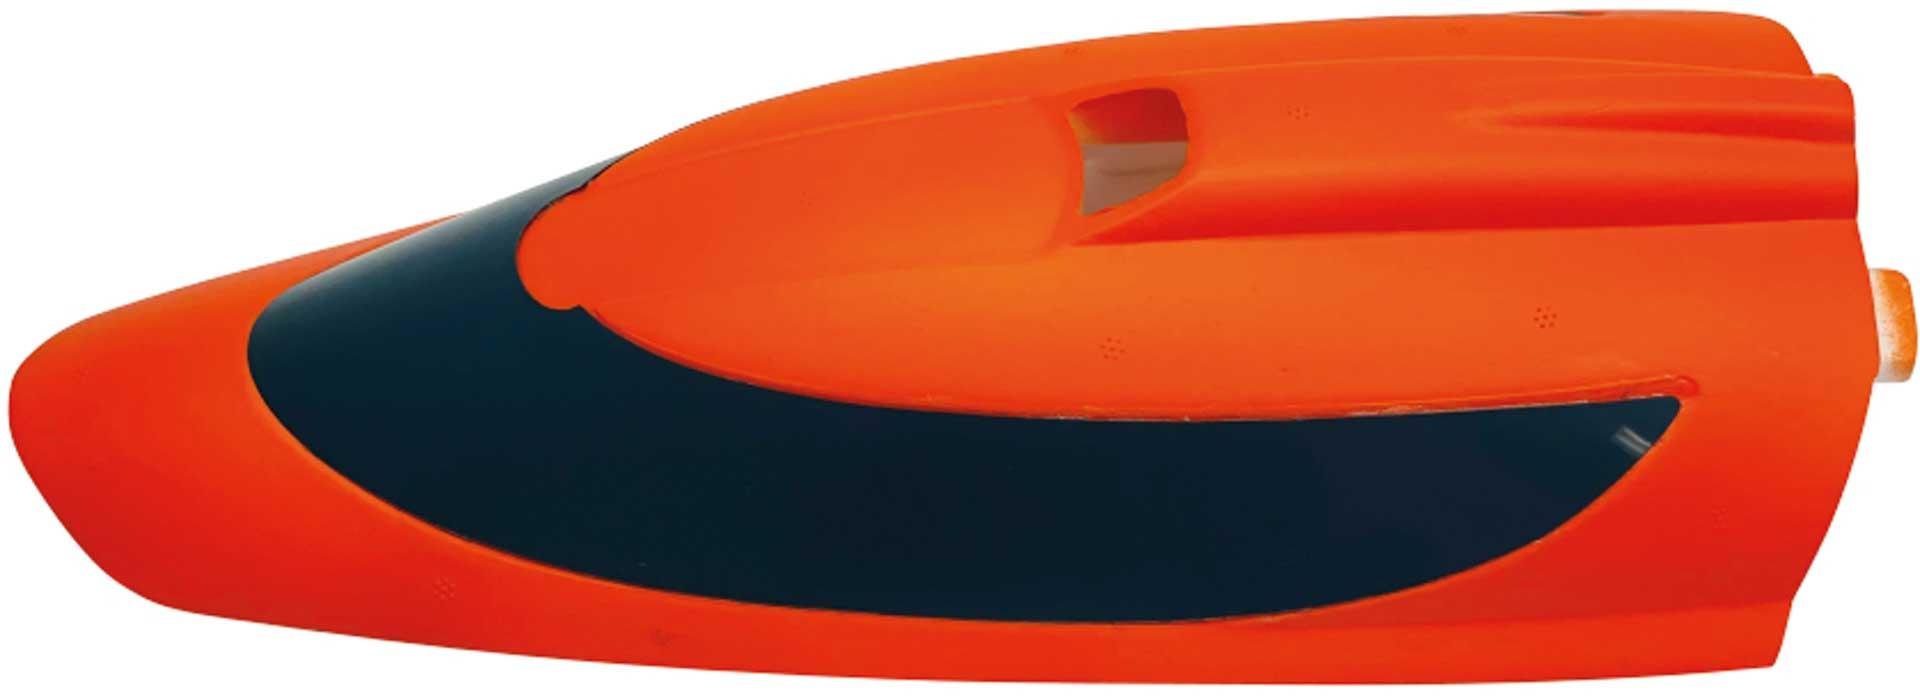 Premier Aircraft Pirana vorderer Deckel Orange